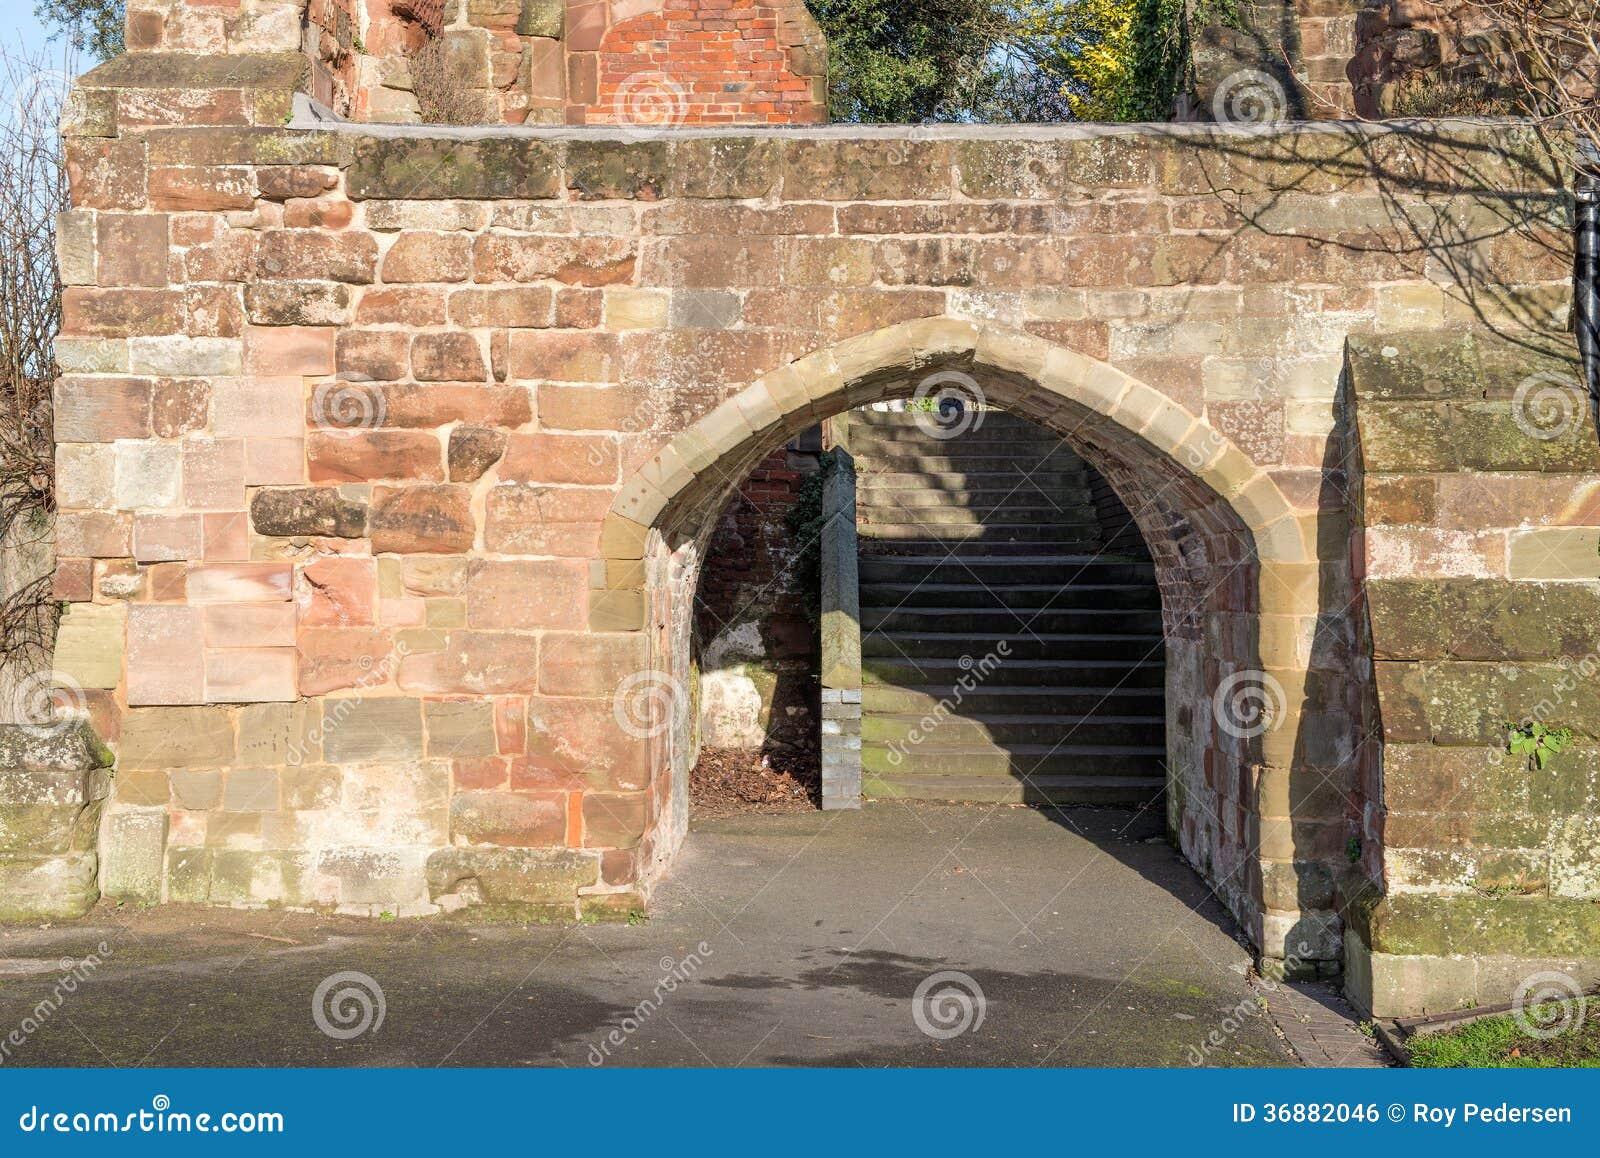 Download Arco di pietra fotografia stock. Immagine di storia, pietra - 36882046